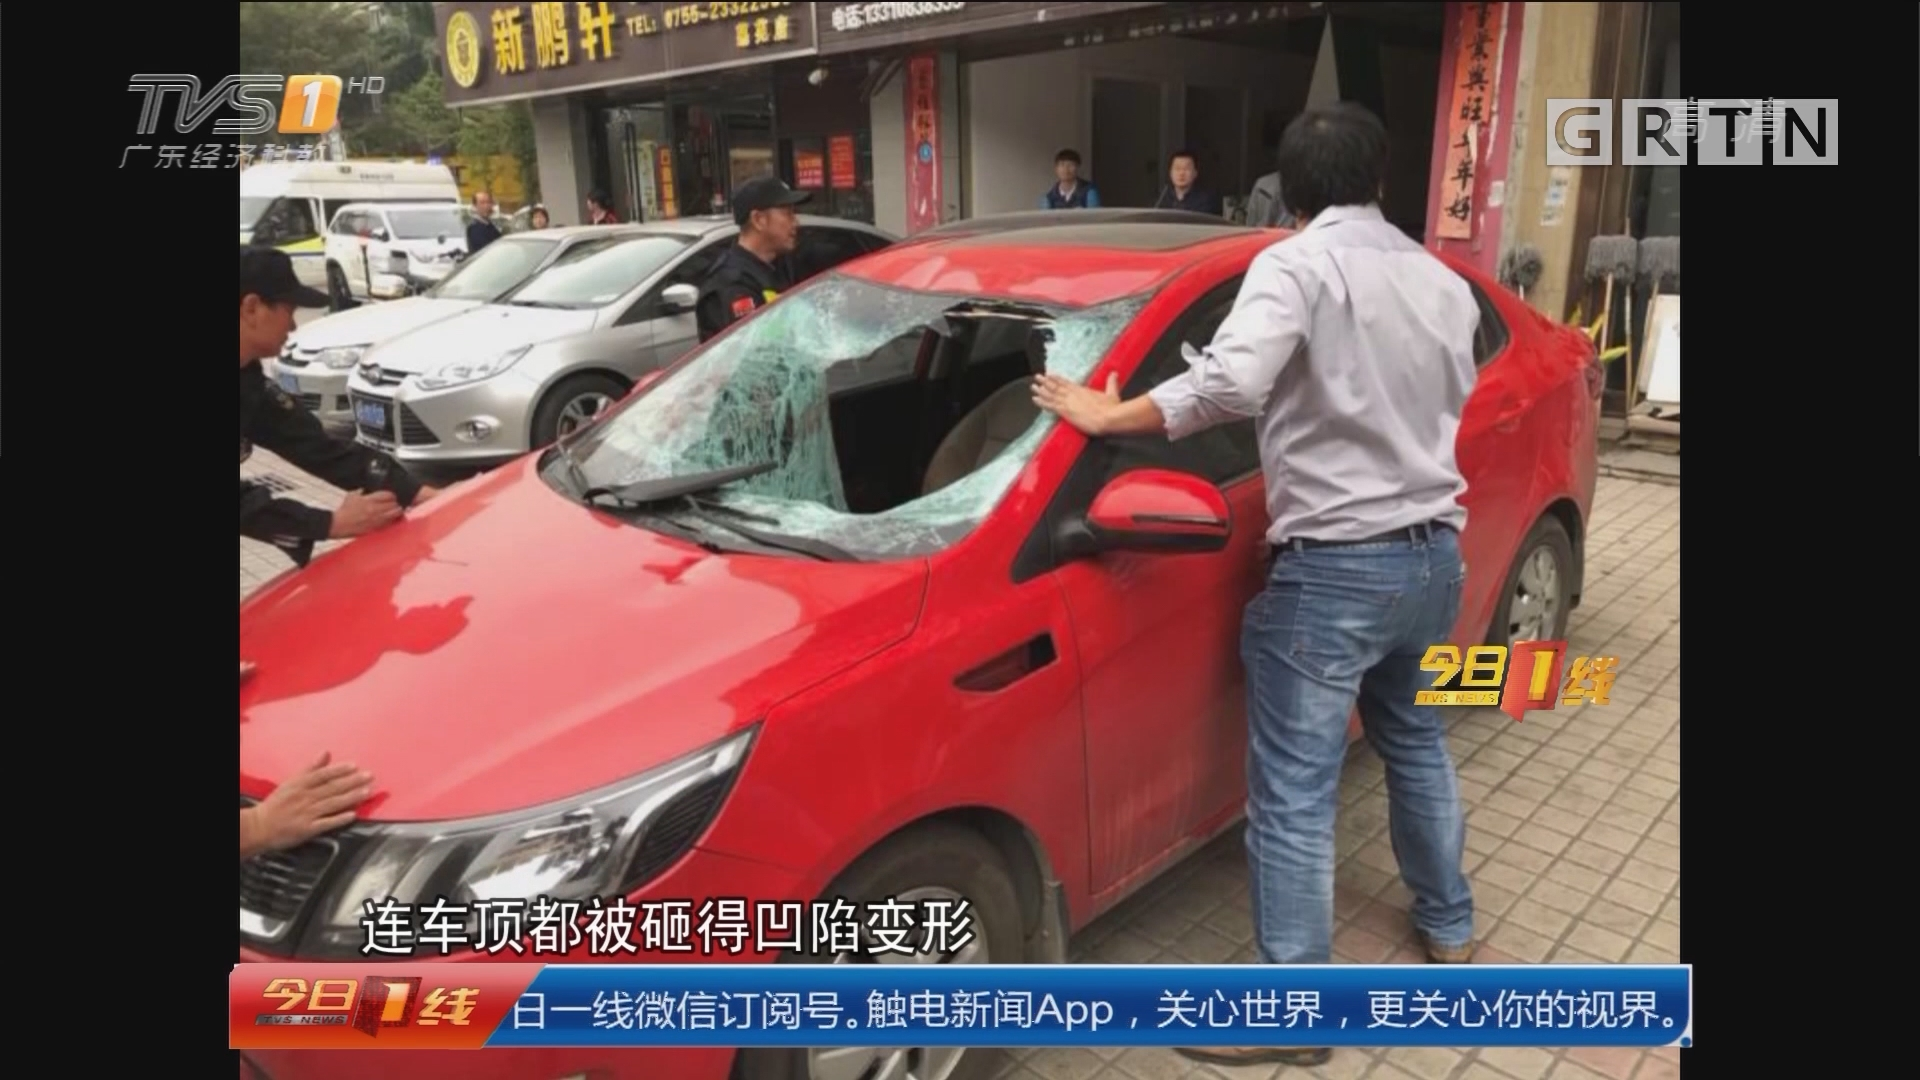 深圳:男子从24楼坠落砸中车 奇迹生还